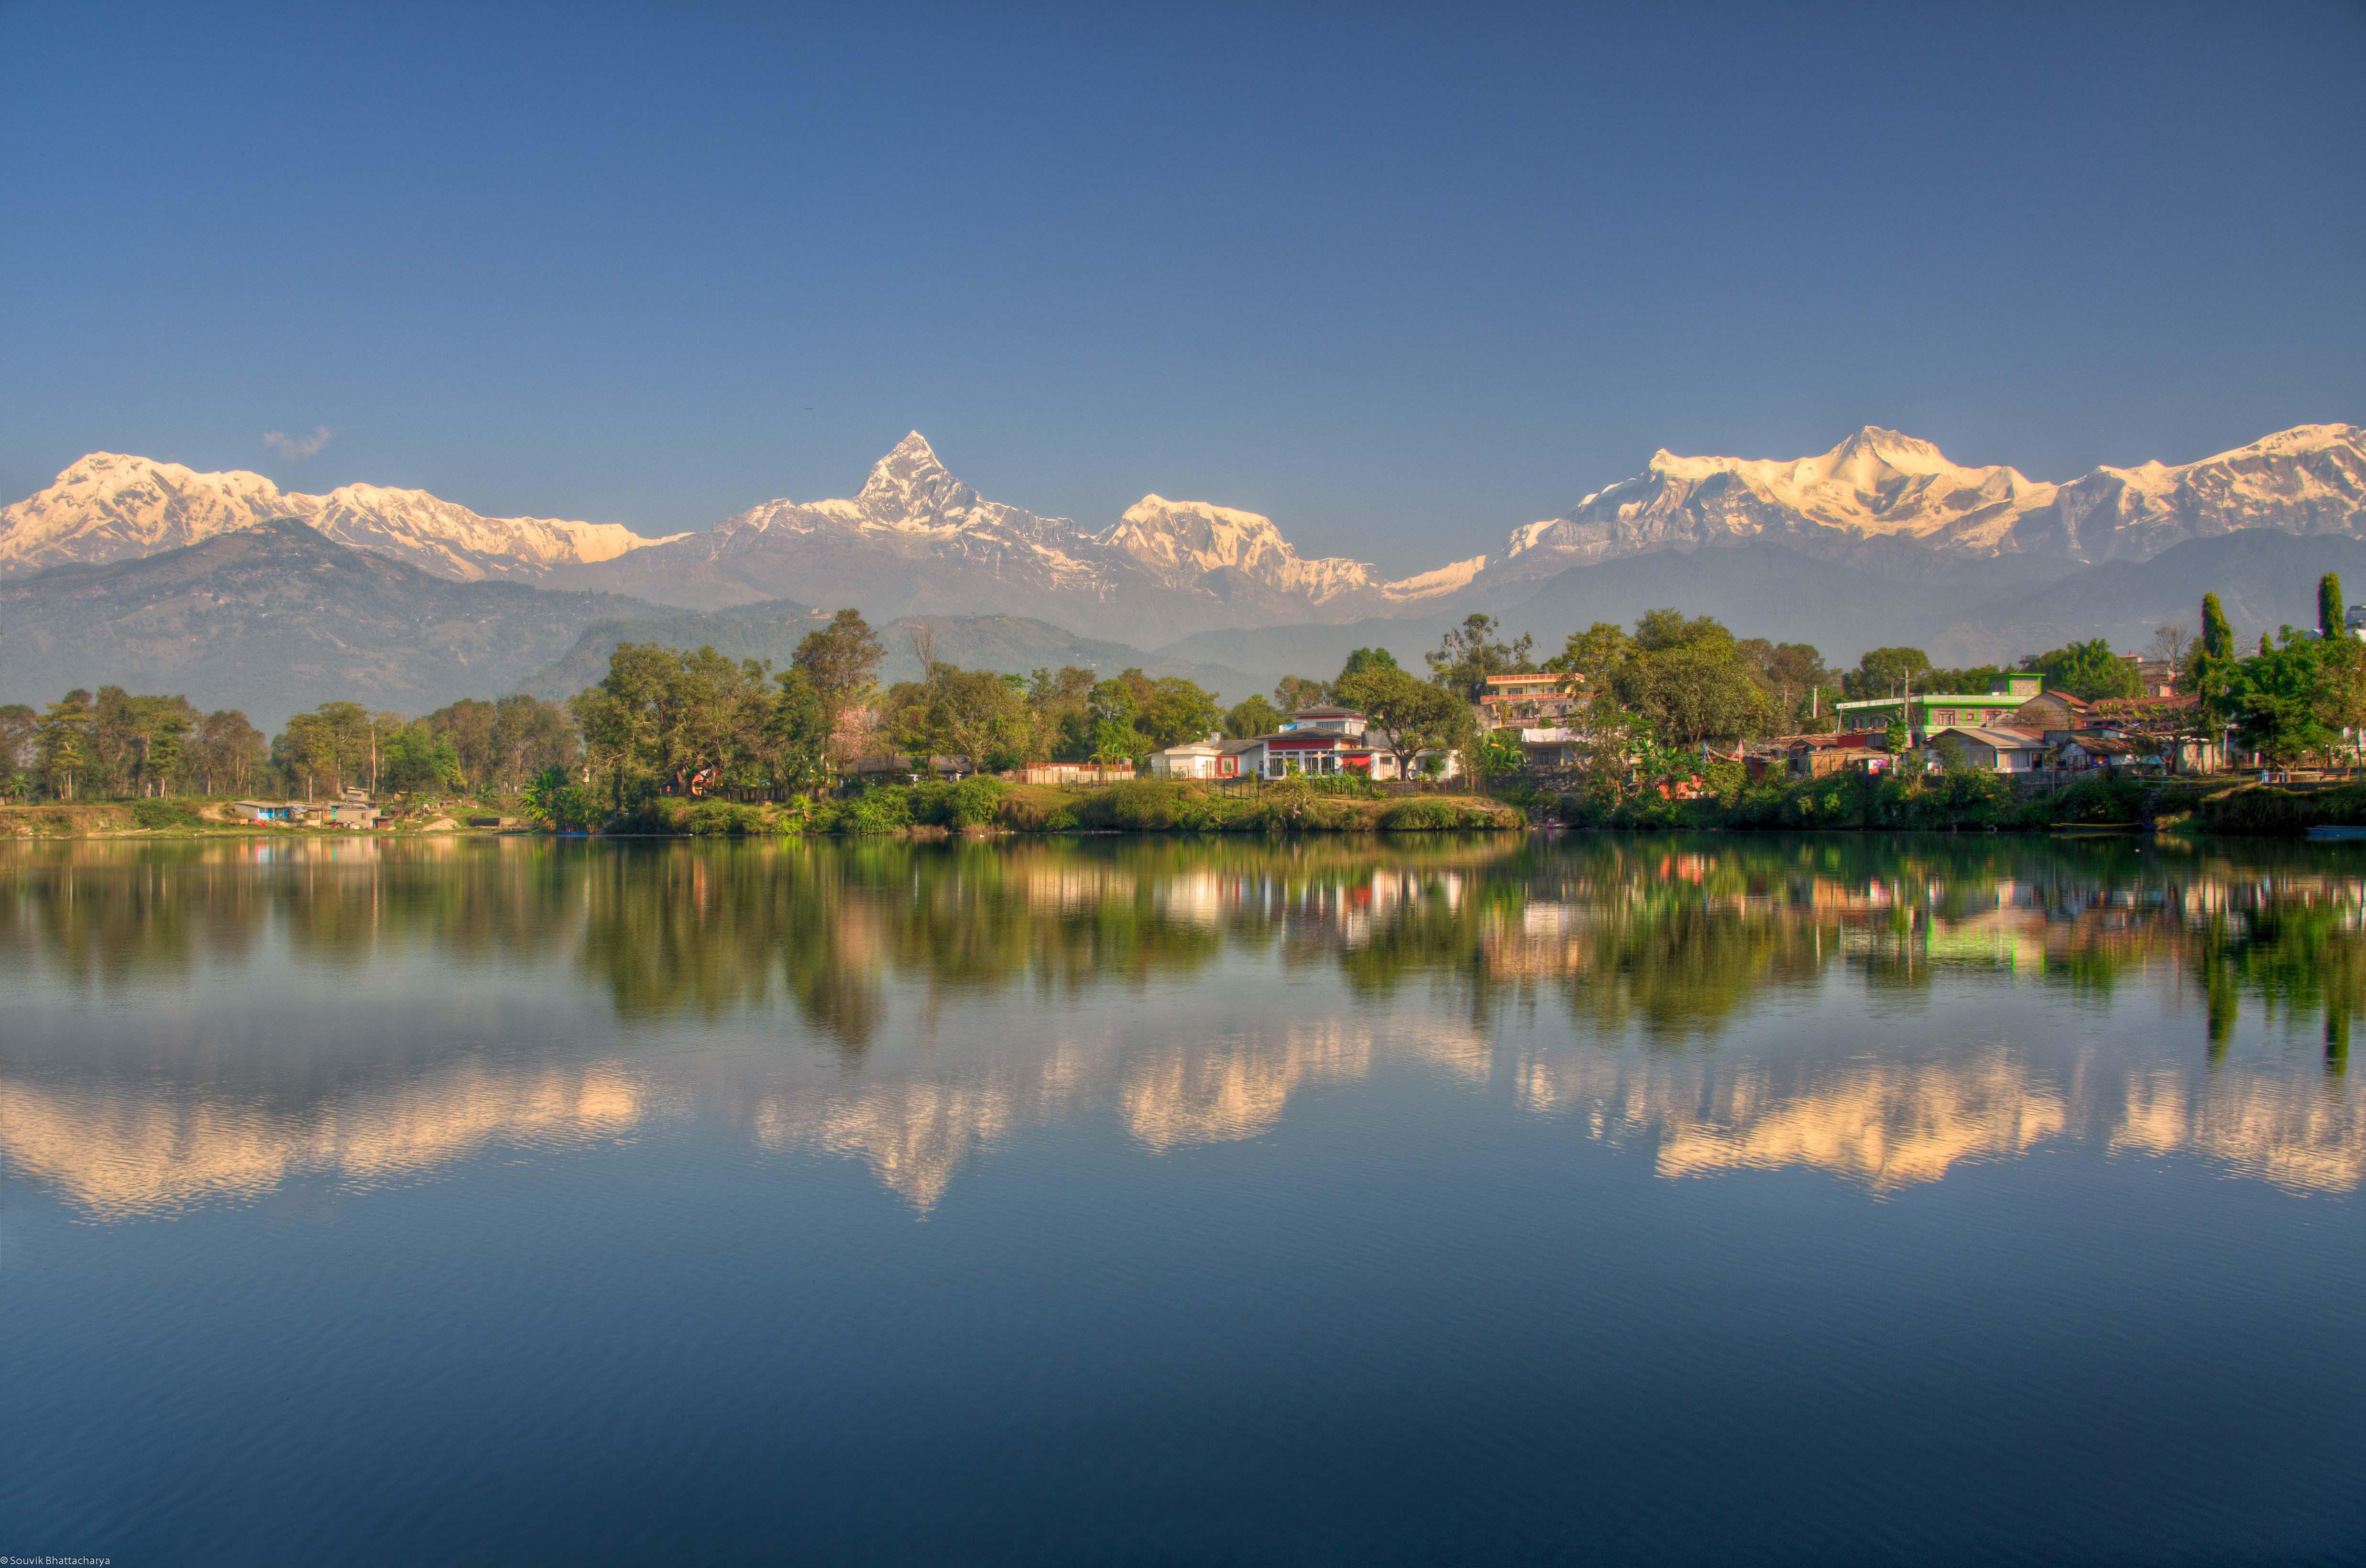 pokhara_reflexion_lake2